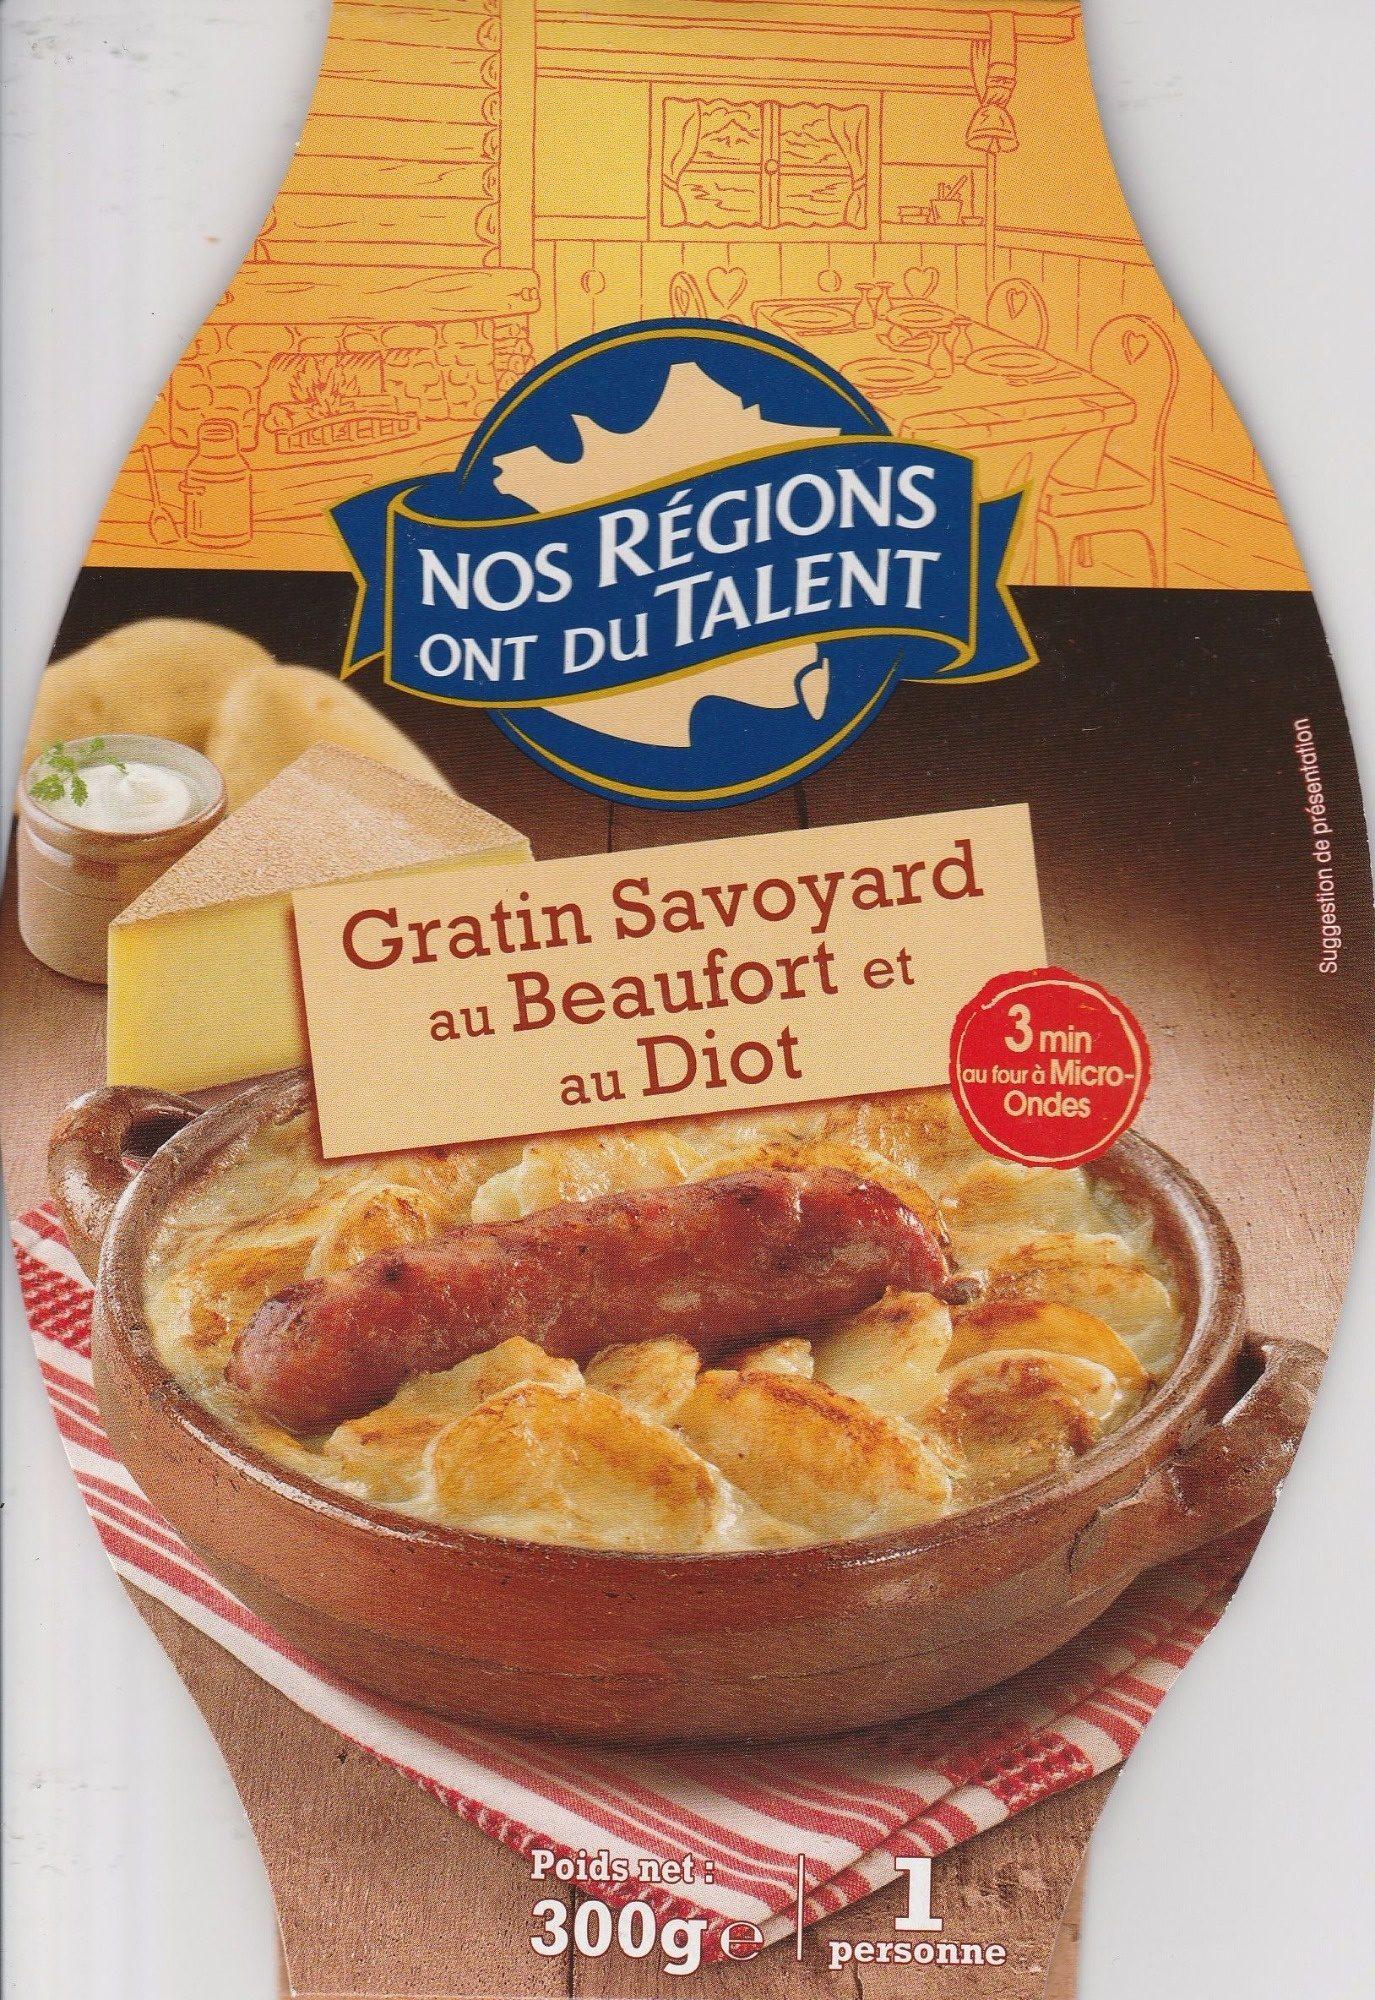 Gratin Savoyard au Beaufort et au Diot - Produit - fr